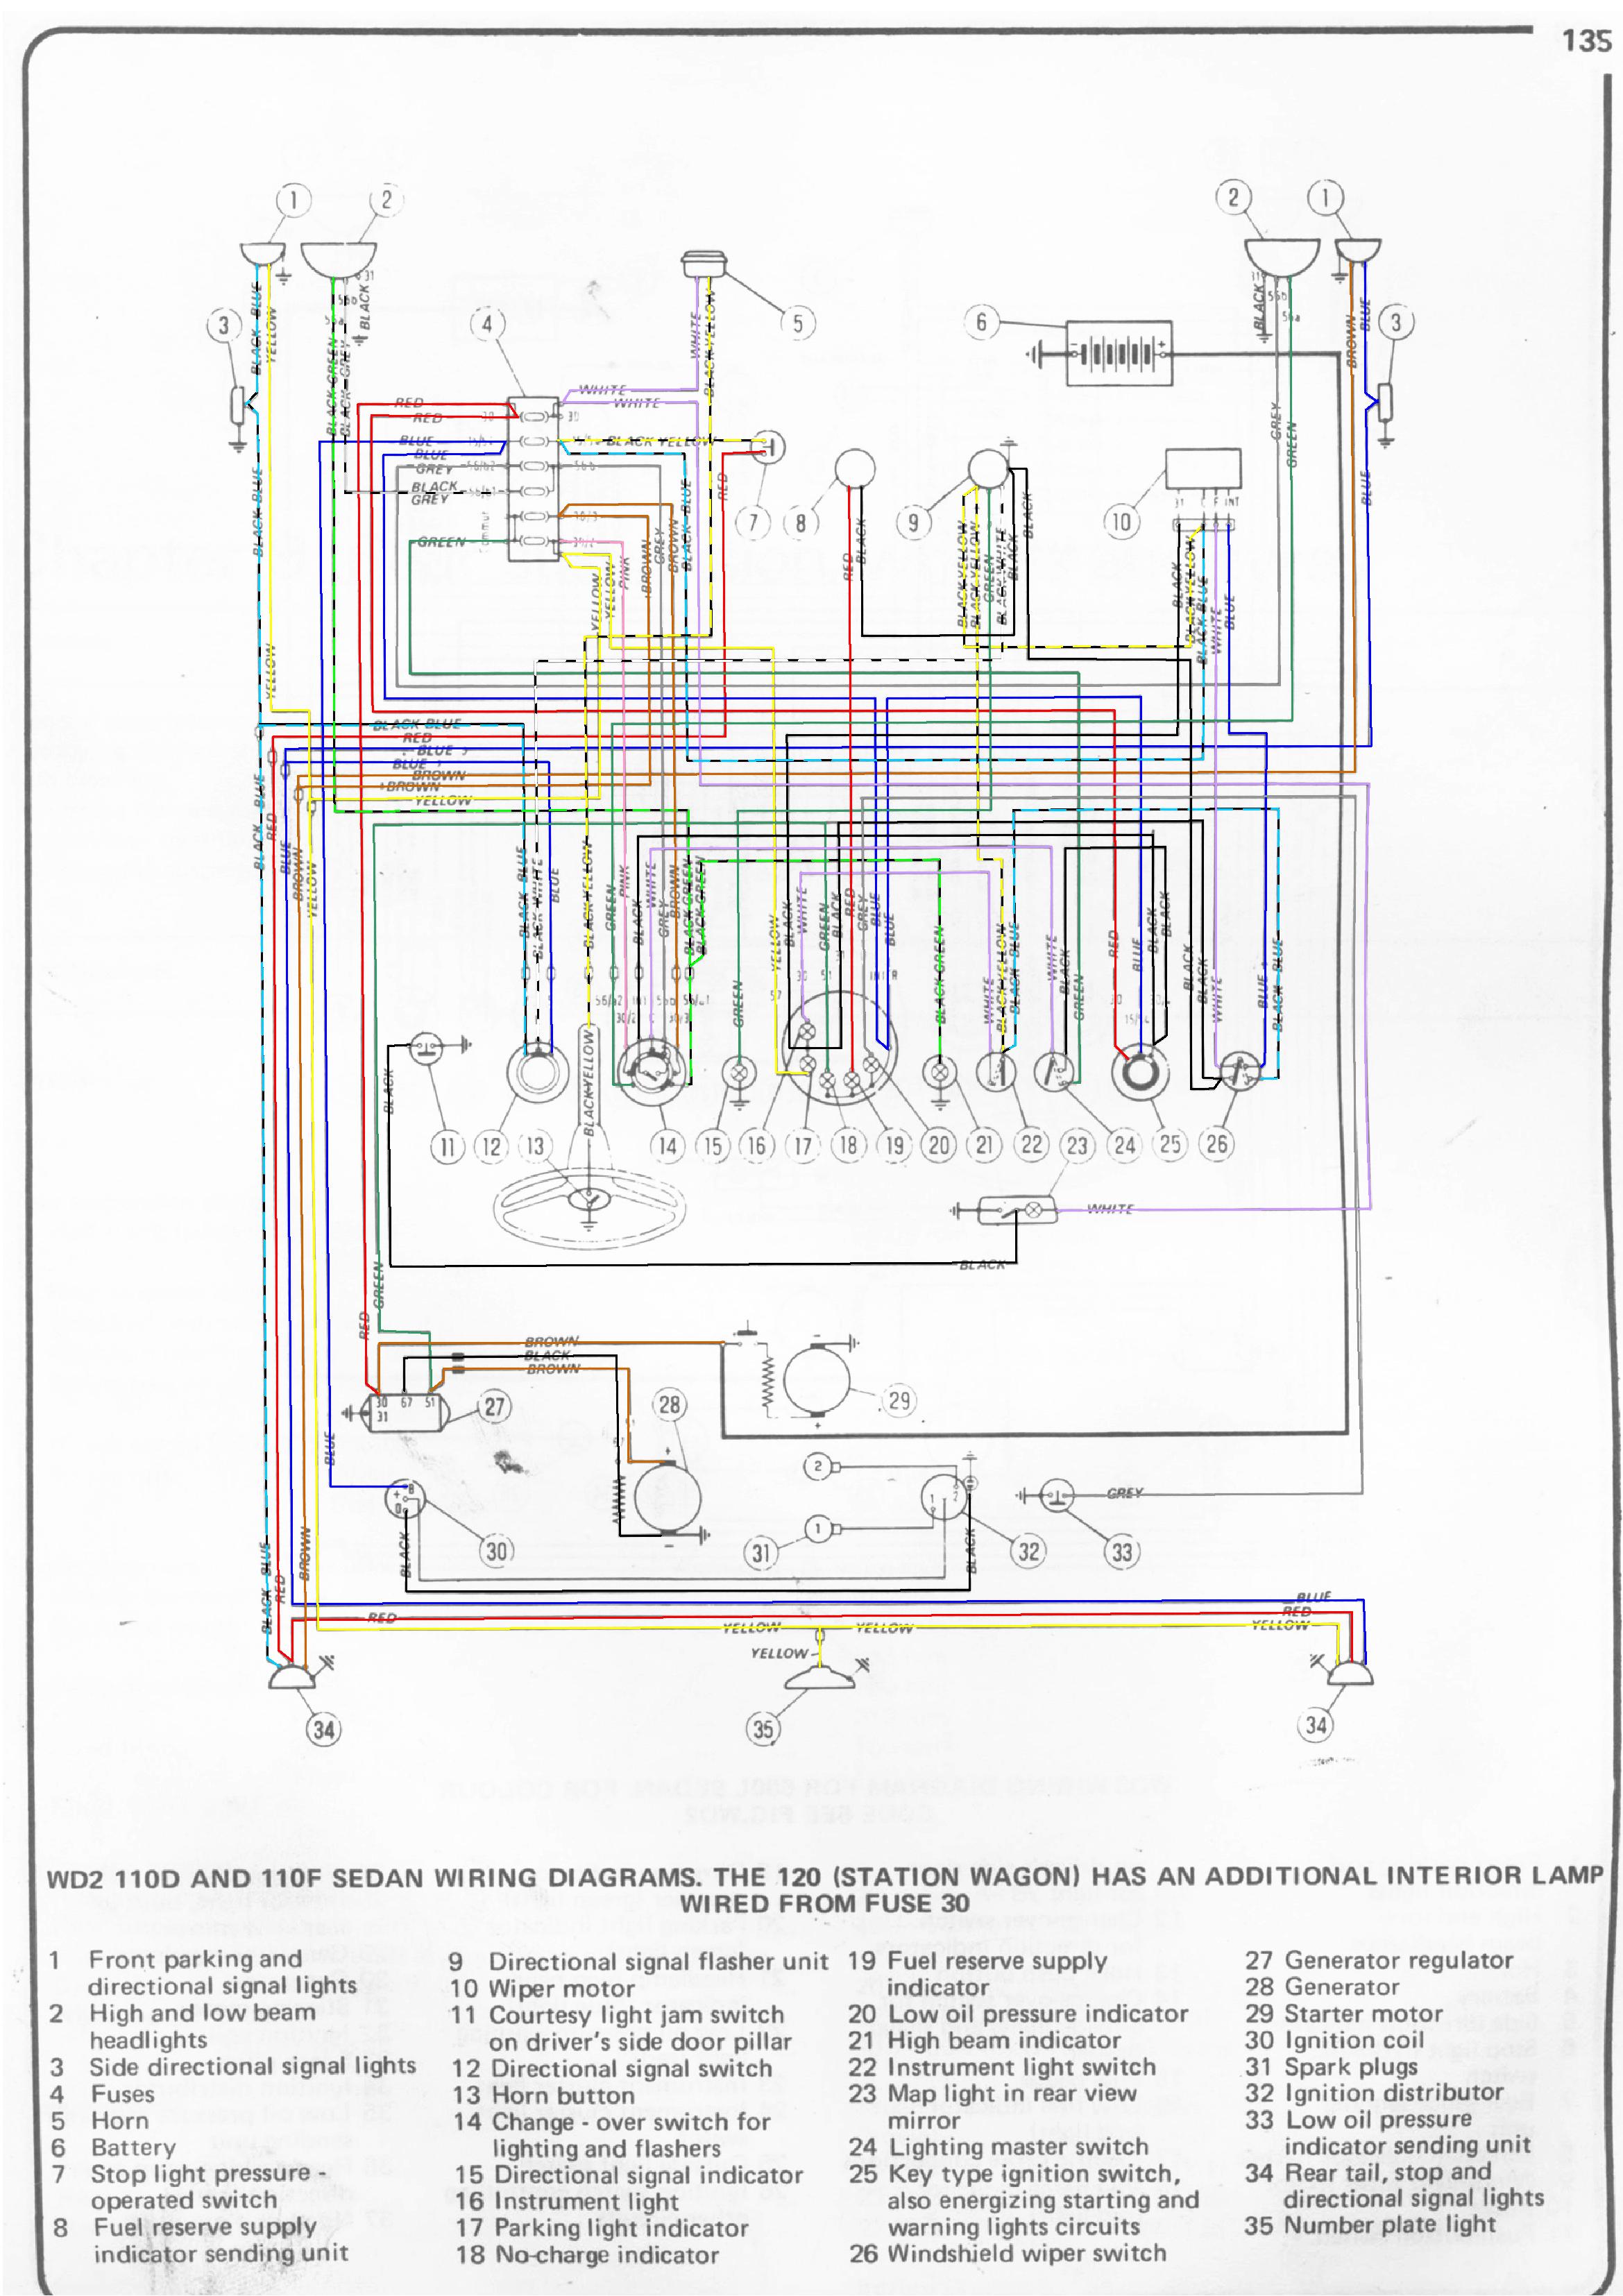 wiring diagram fiat stilo 1 9 jtd wiring diagram view fiat wiring diagrams blog wiring diagram [ 2339 x 3309 Pixel ]